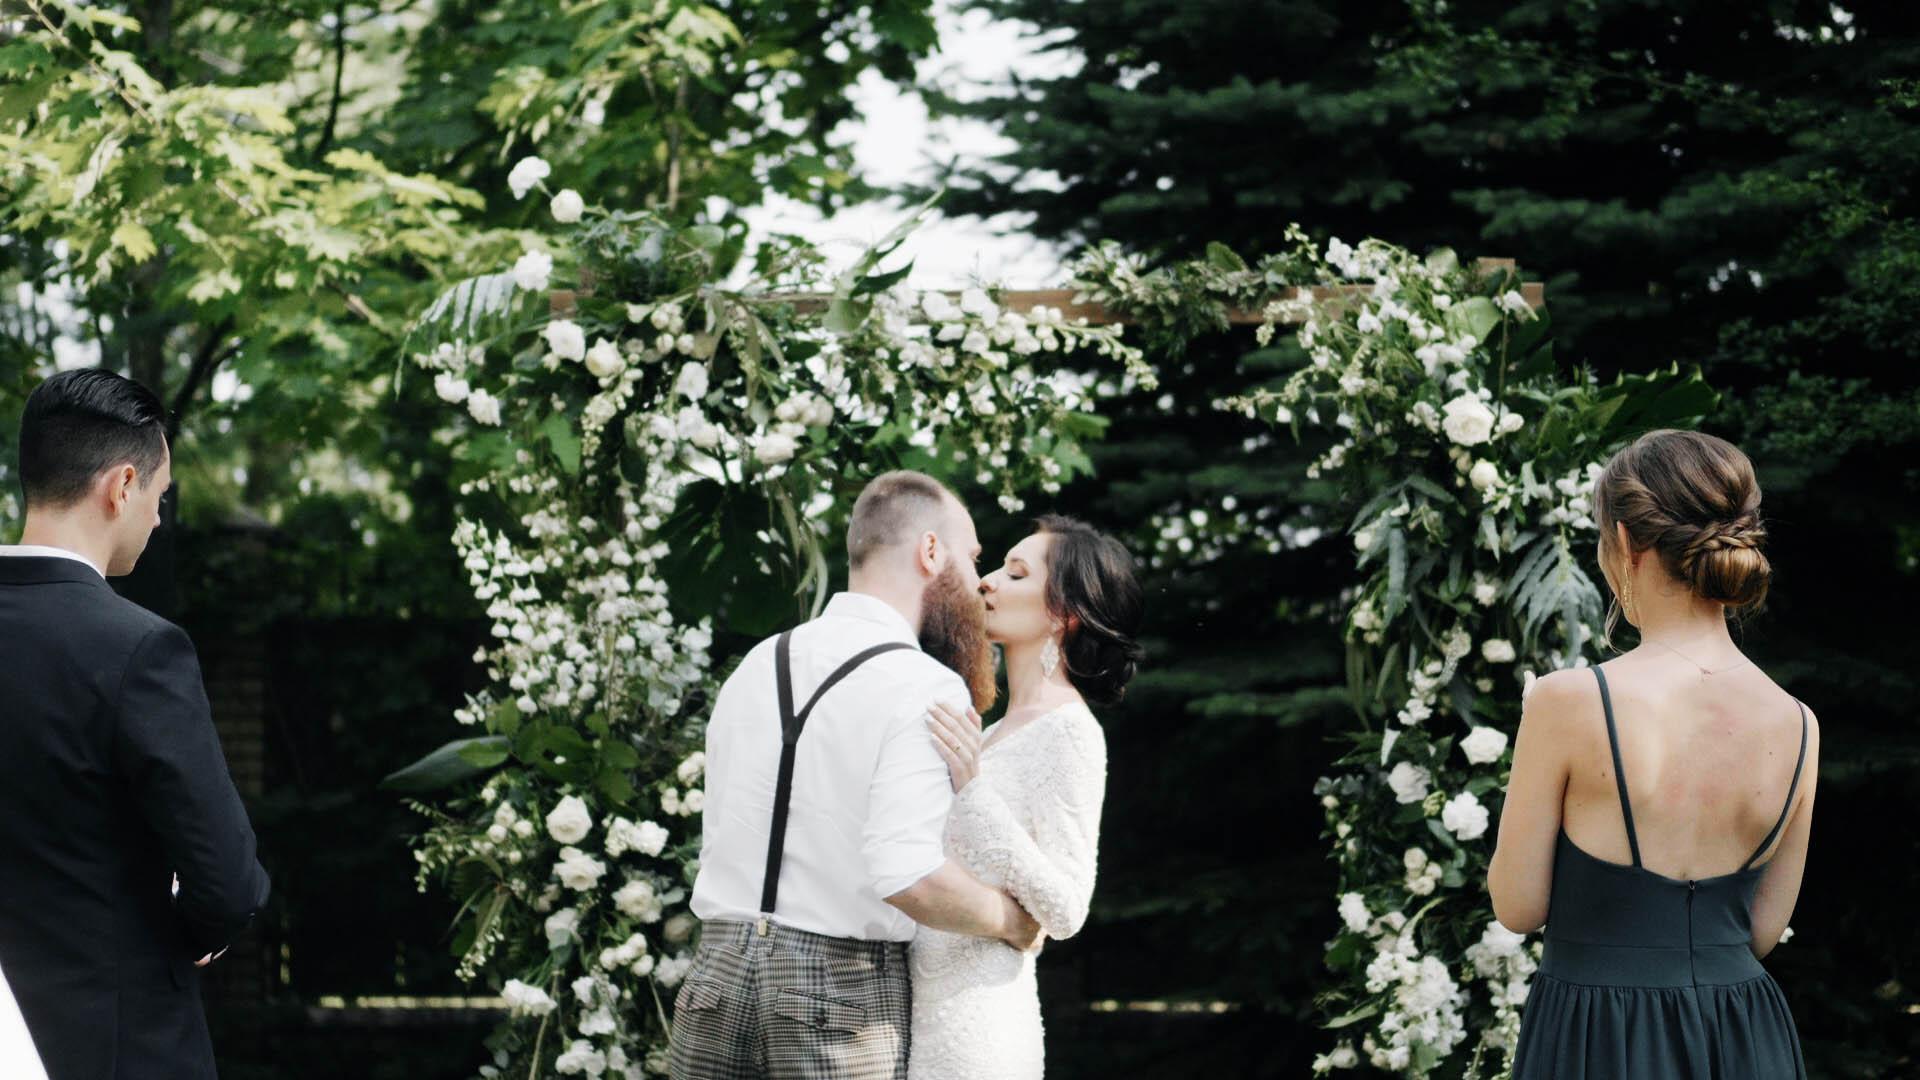 slub-humanistyczny-w-ogrodzie-warszawa-hipster-wedding (12).jpg